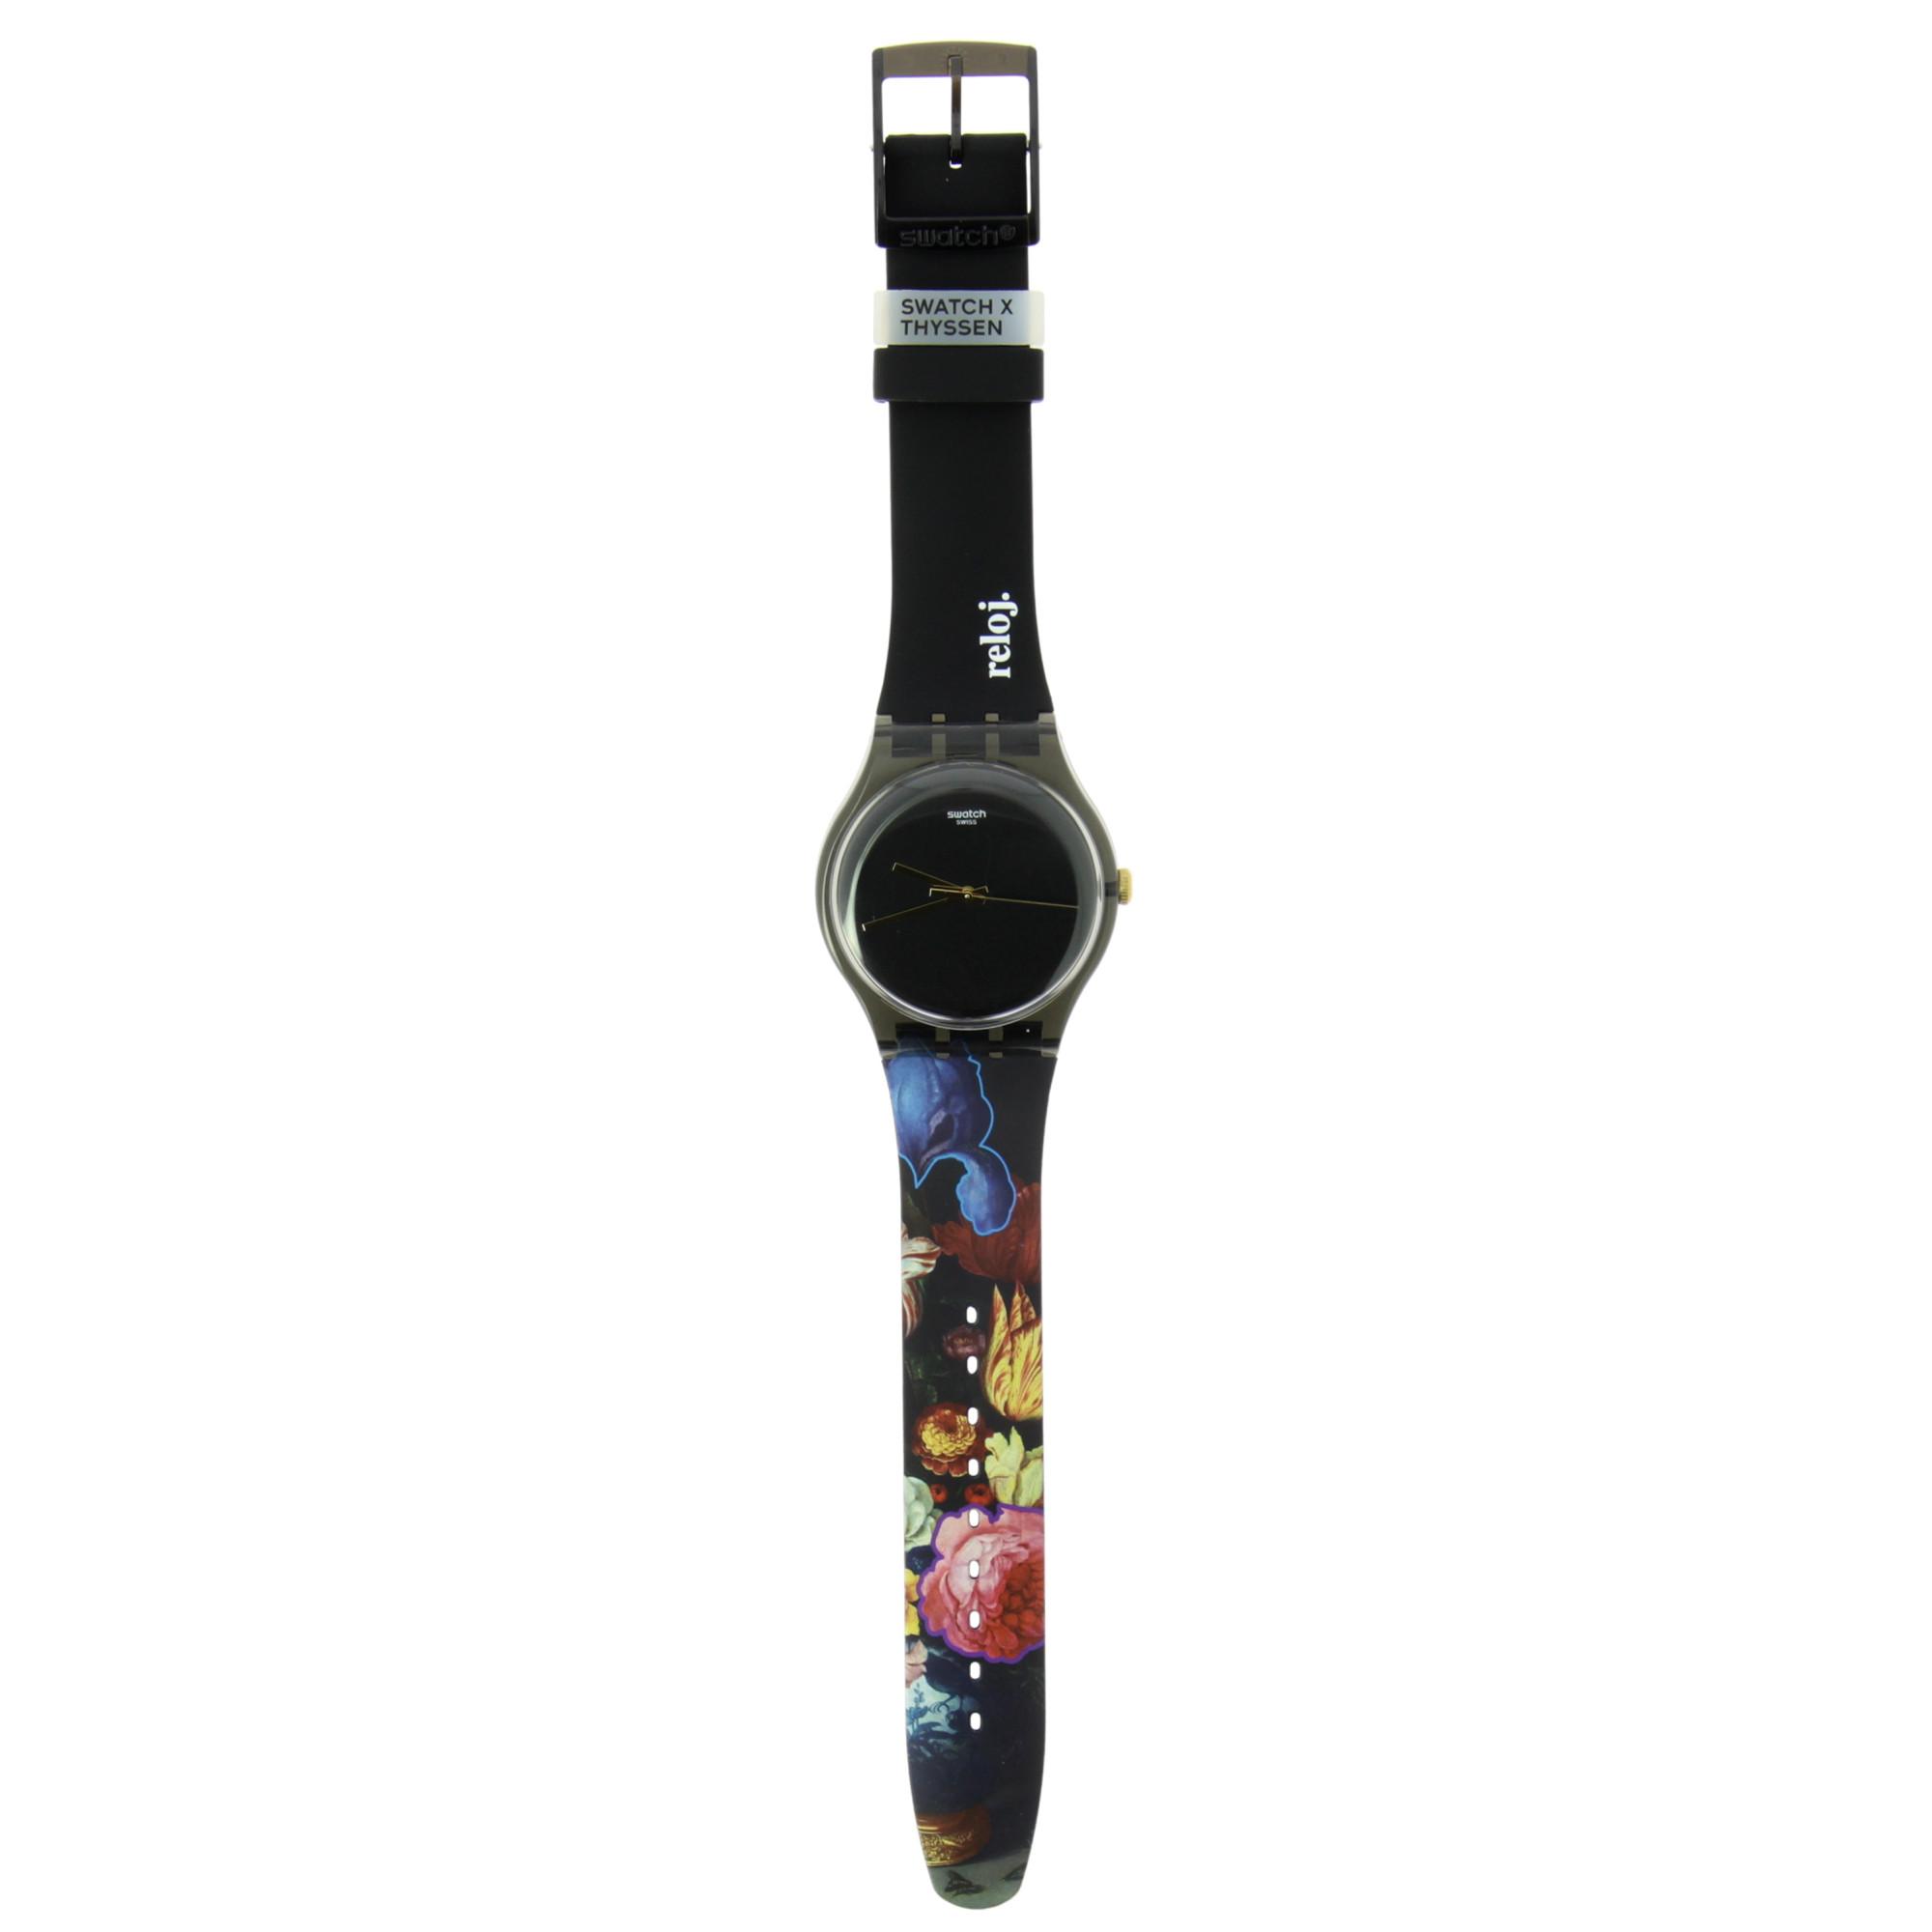 zoom Watch Swatch+Thyssen van der Ast Gracious Bouquet